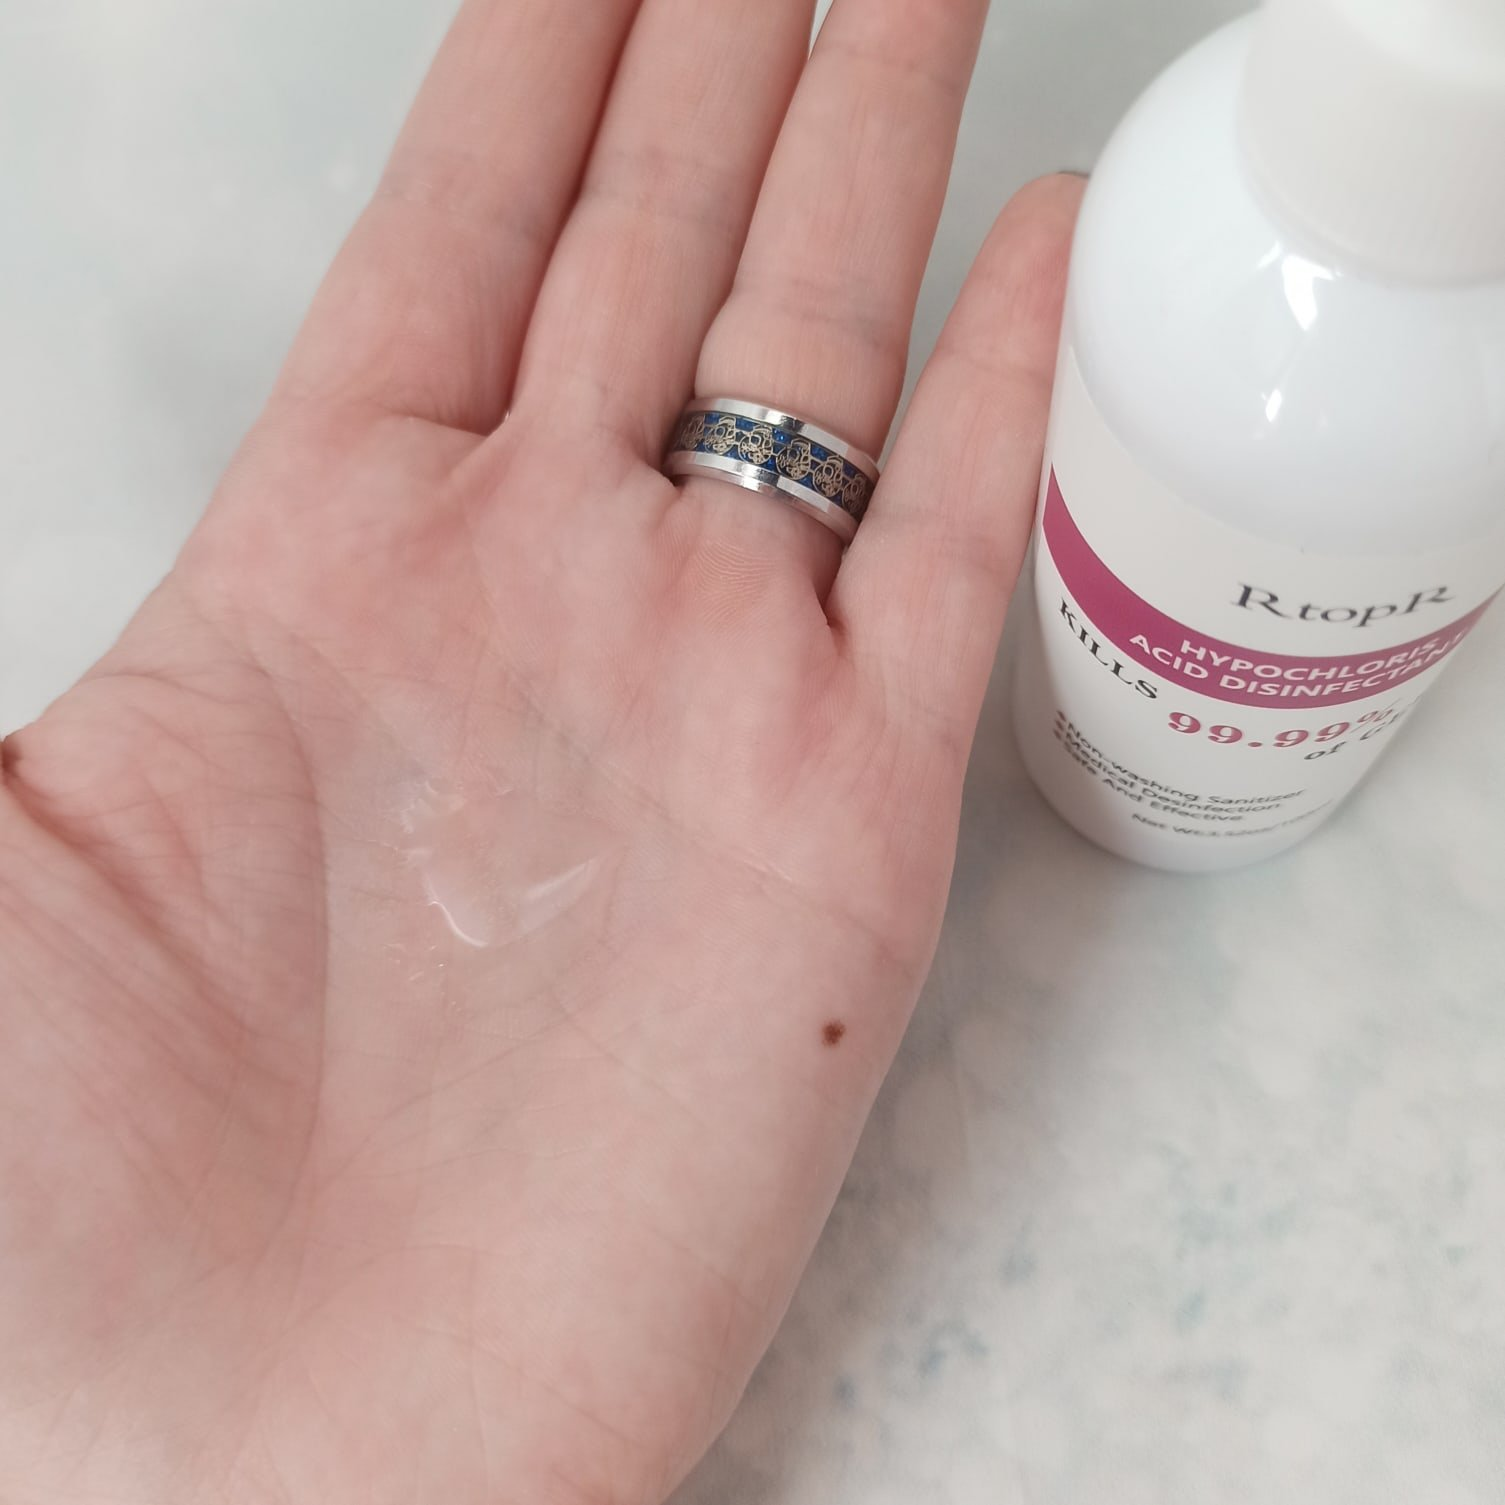 Антисептик спрей для рук и кожных покровов от Rtopr  Для взрослых и детей - обзор